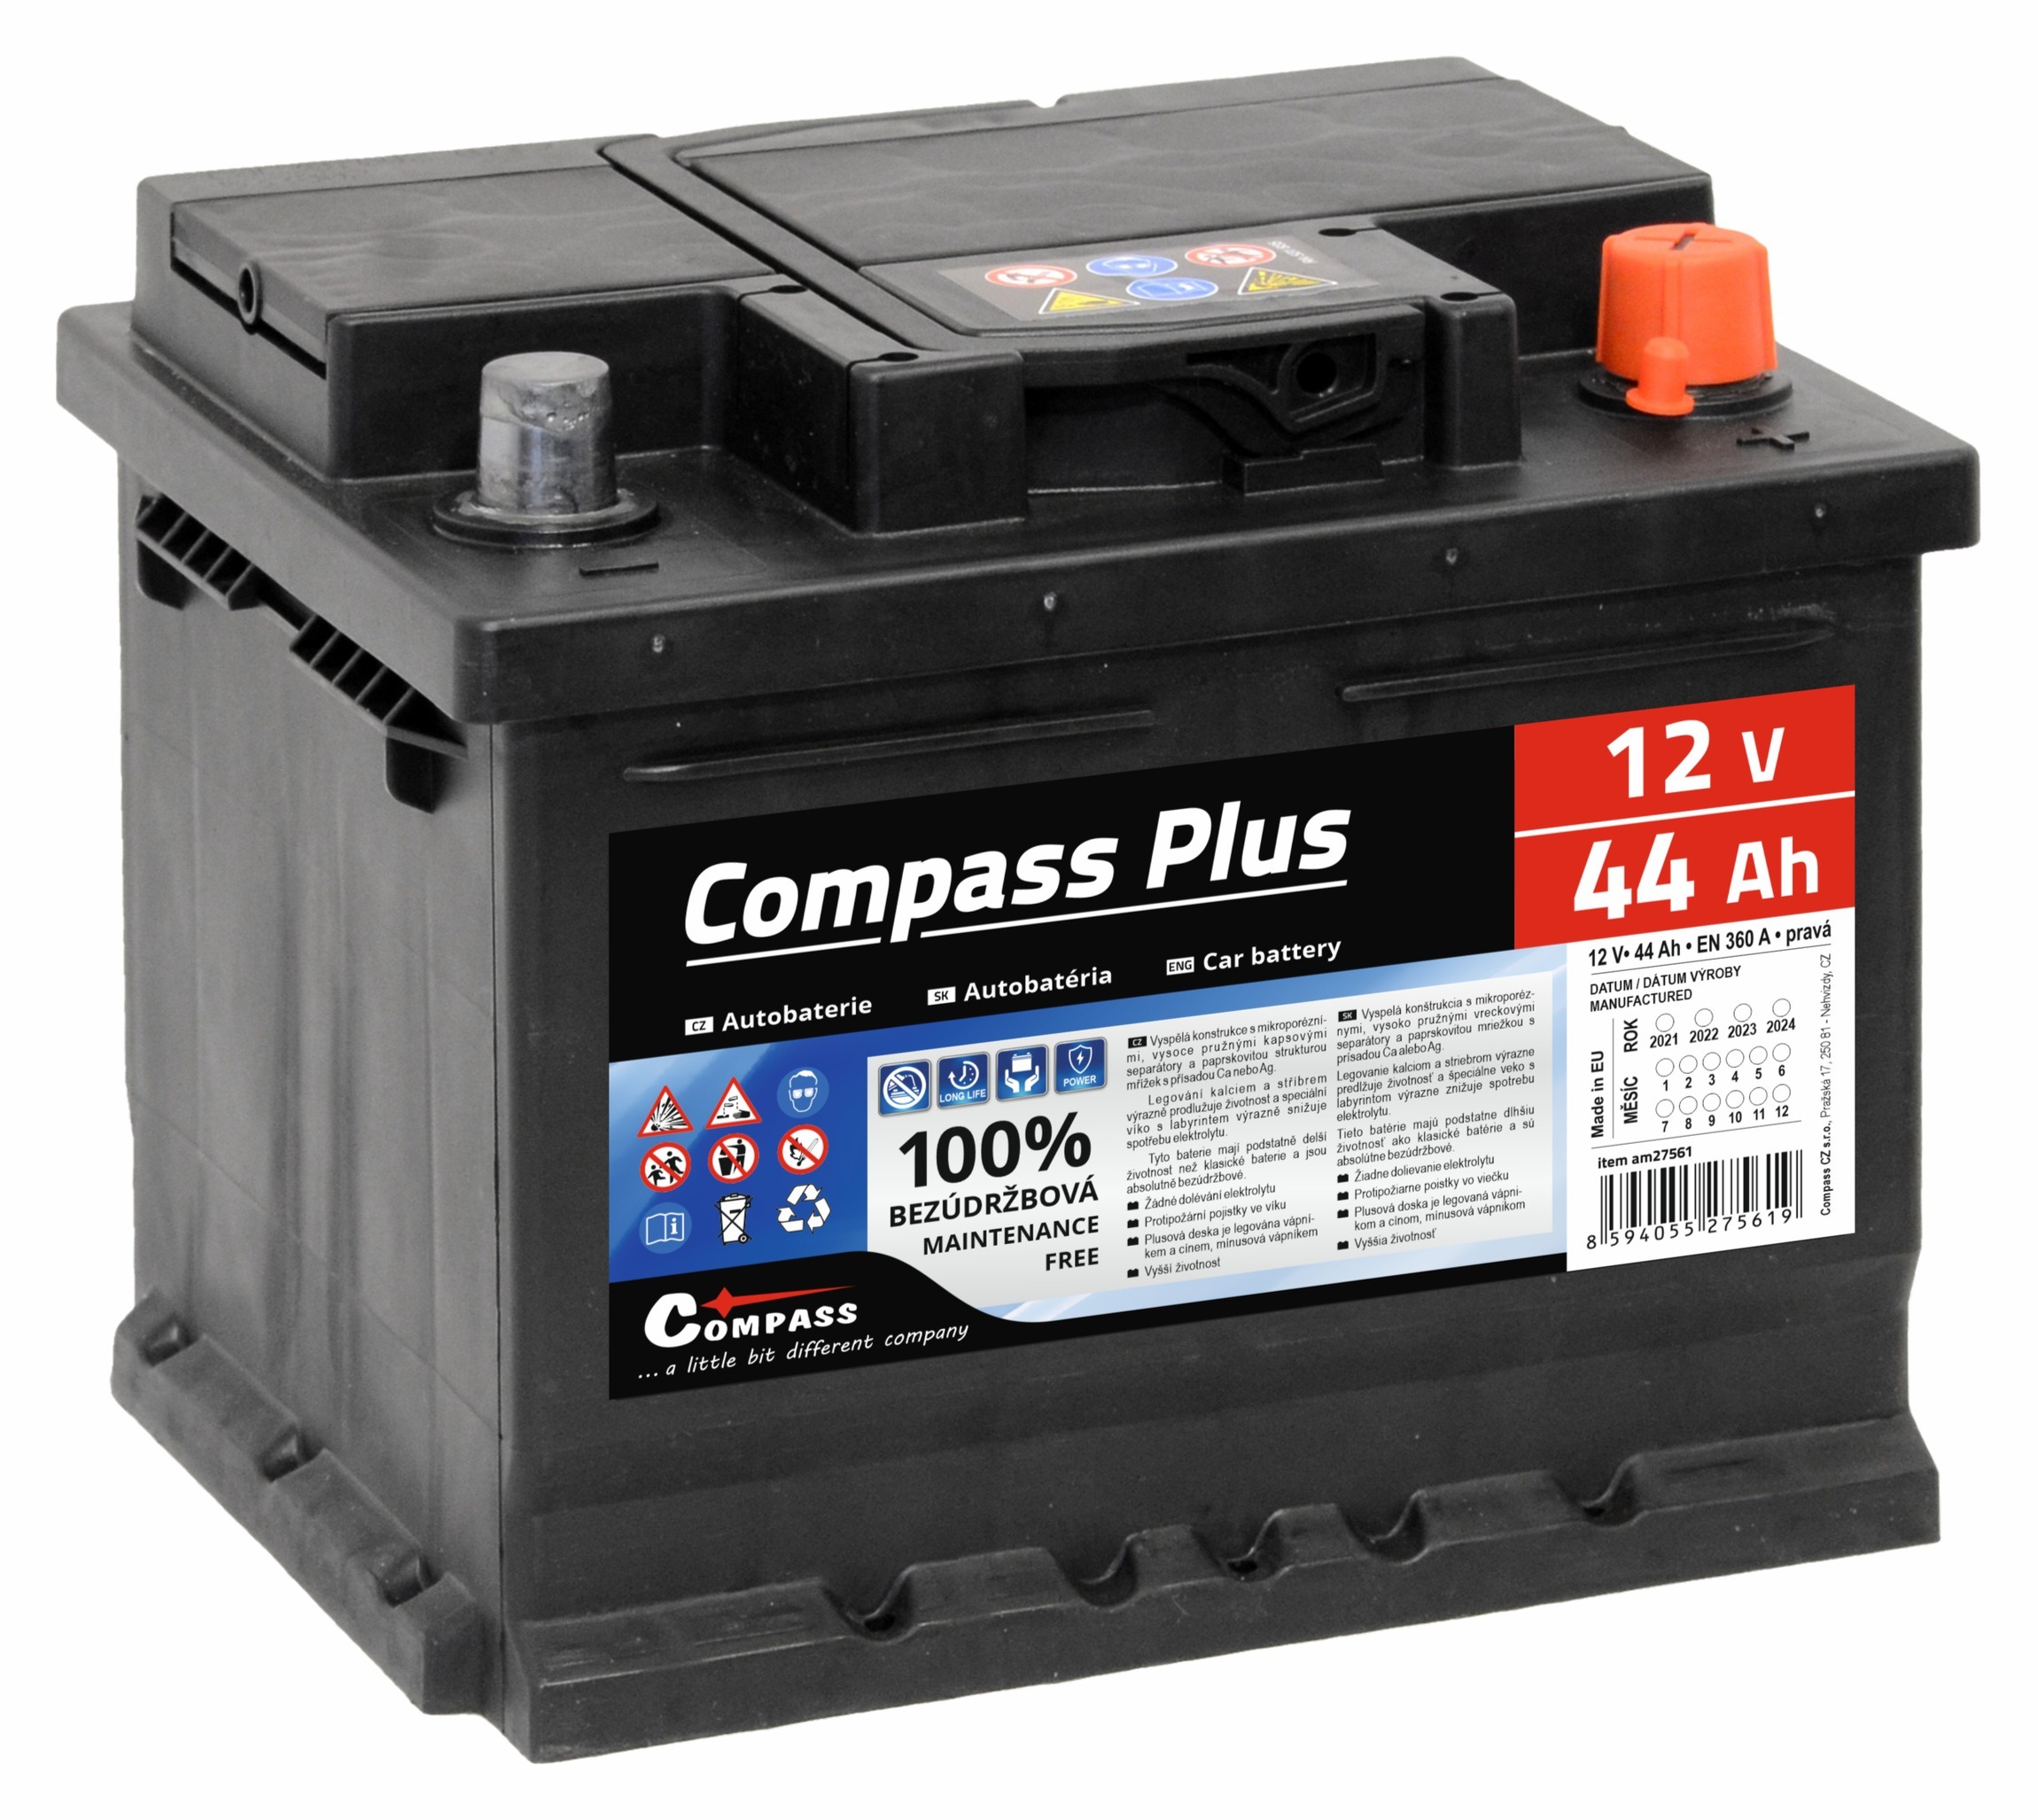 Autobaterie COMPASS PLUS 12V 44Ah 360A